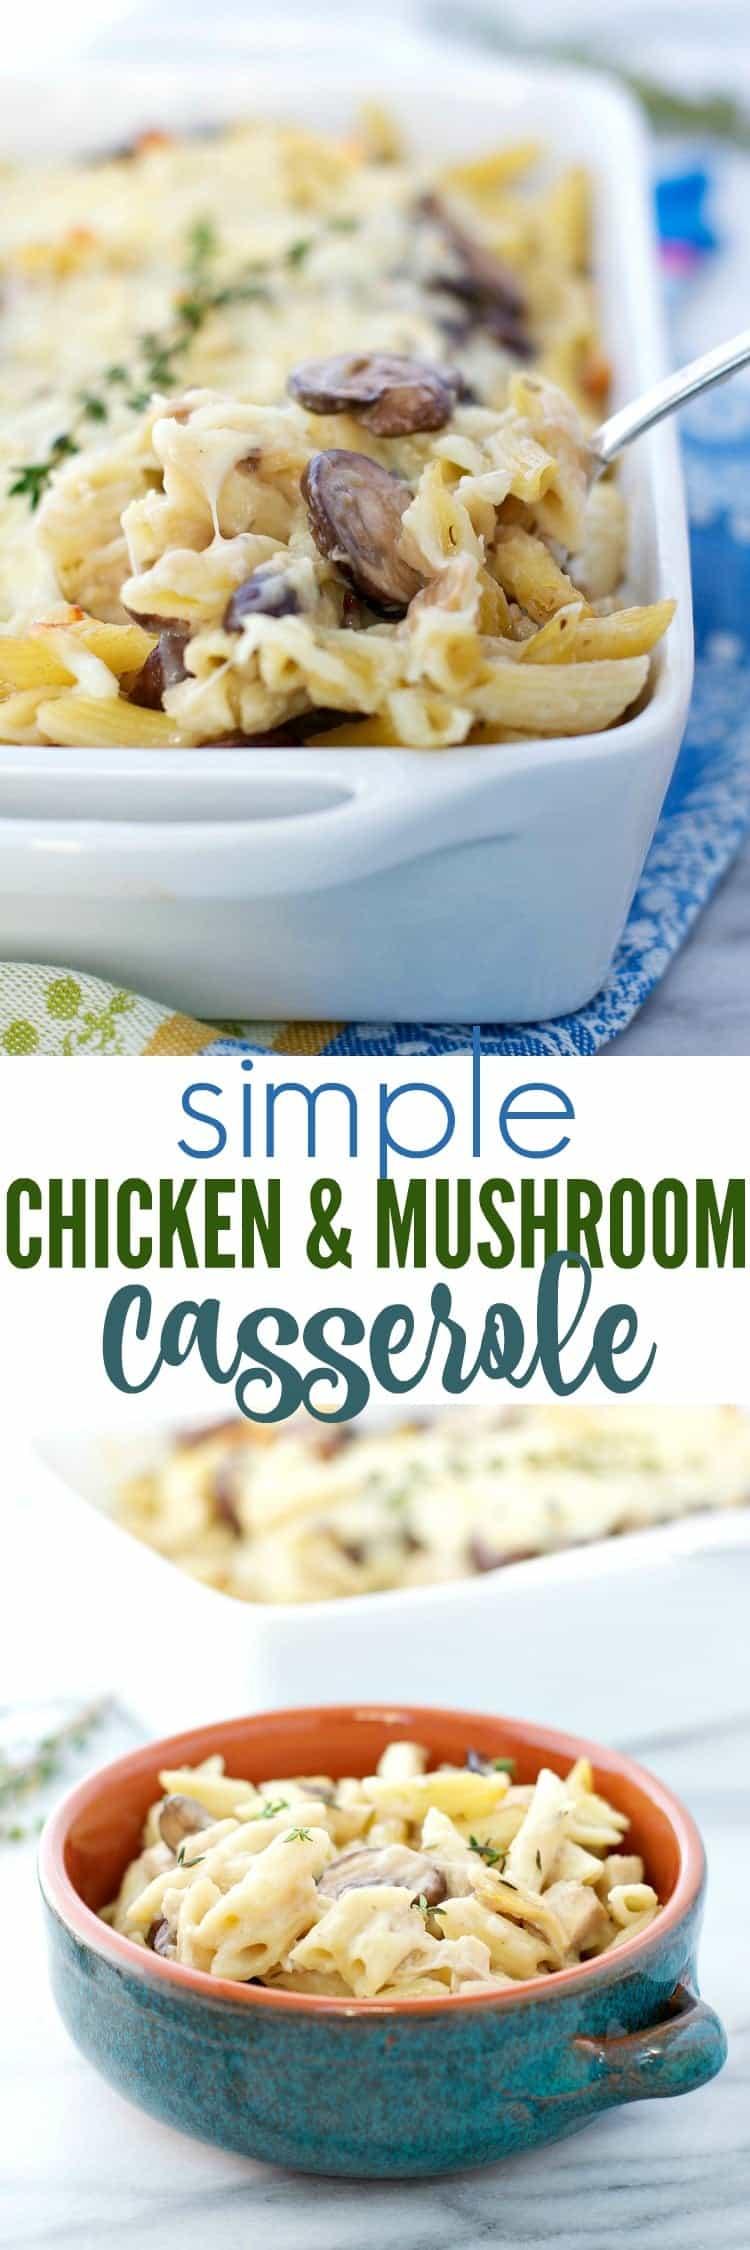 Simple Chicken and Mushroom Casserole